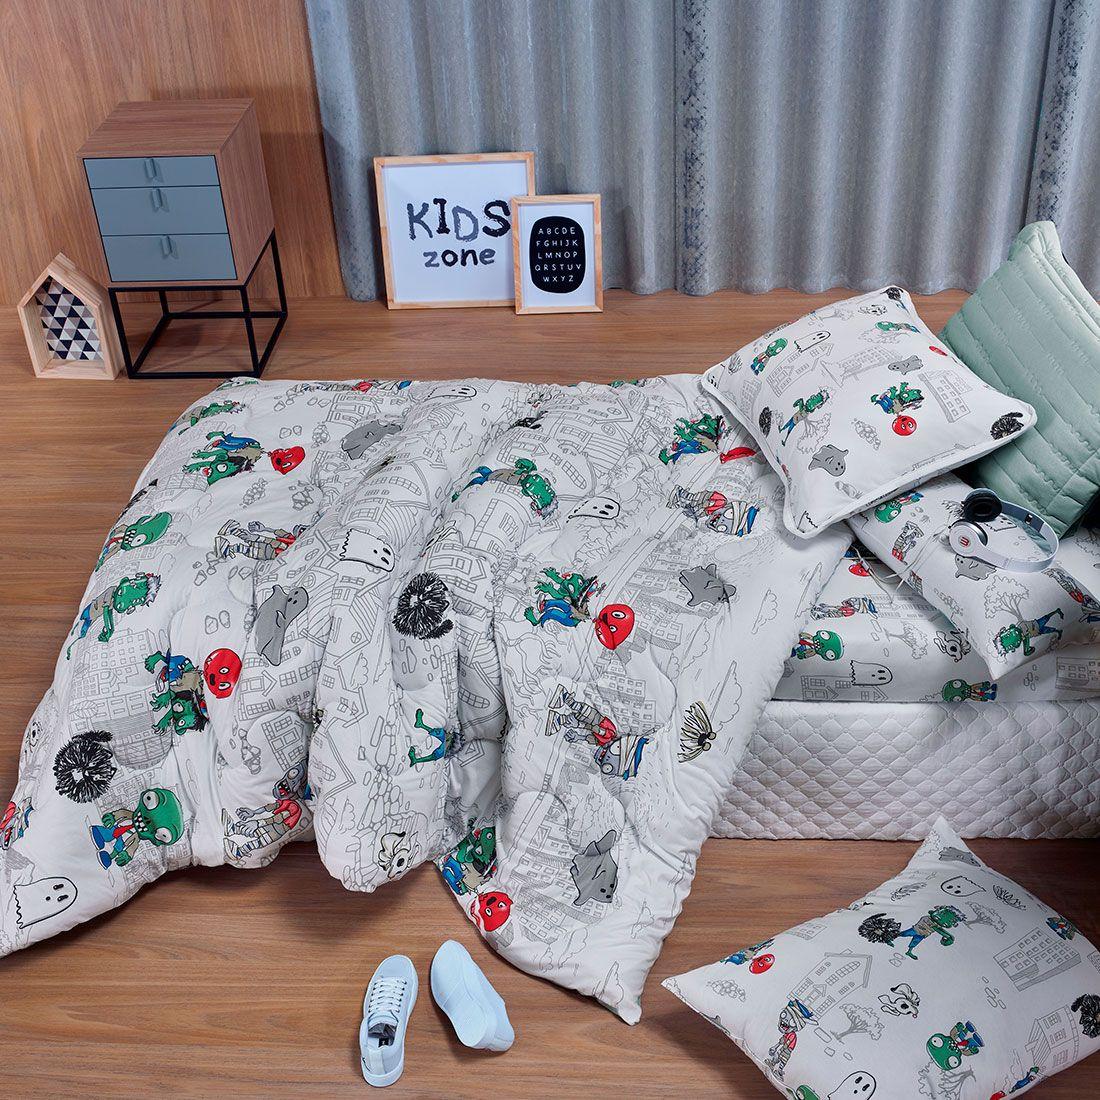 Roupa de cama infantil: como deixar o quarto mais divertido